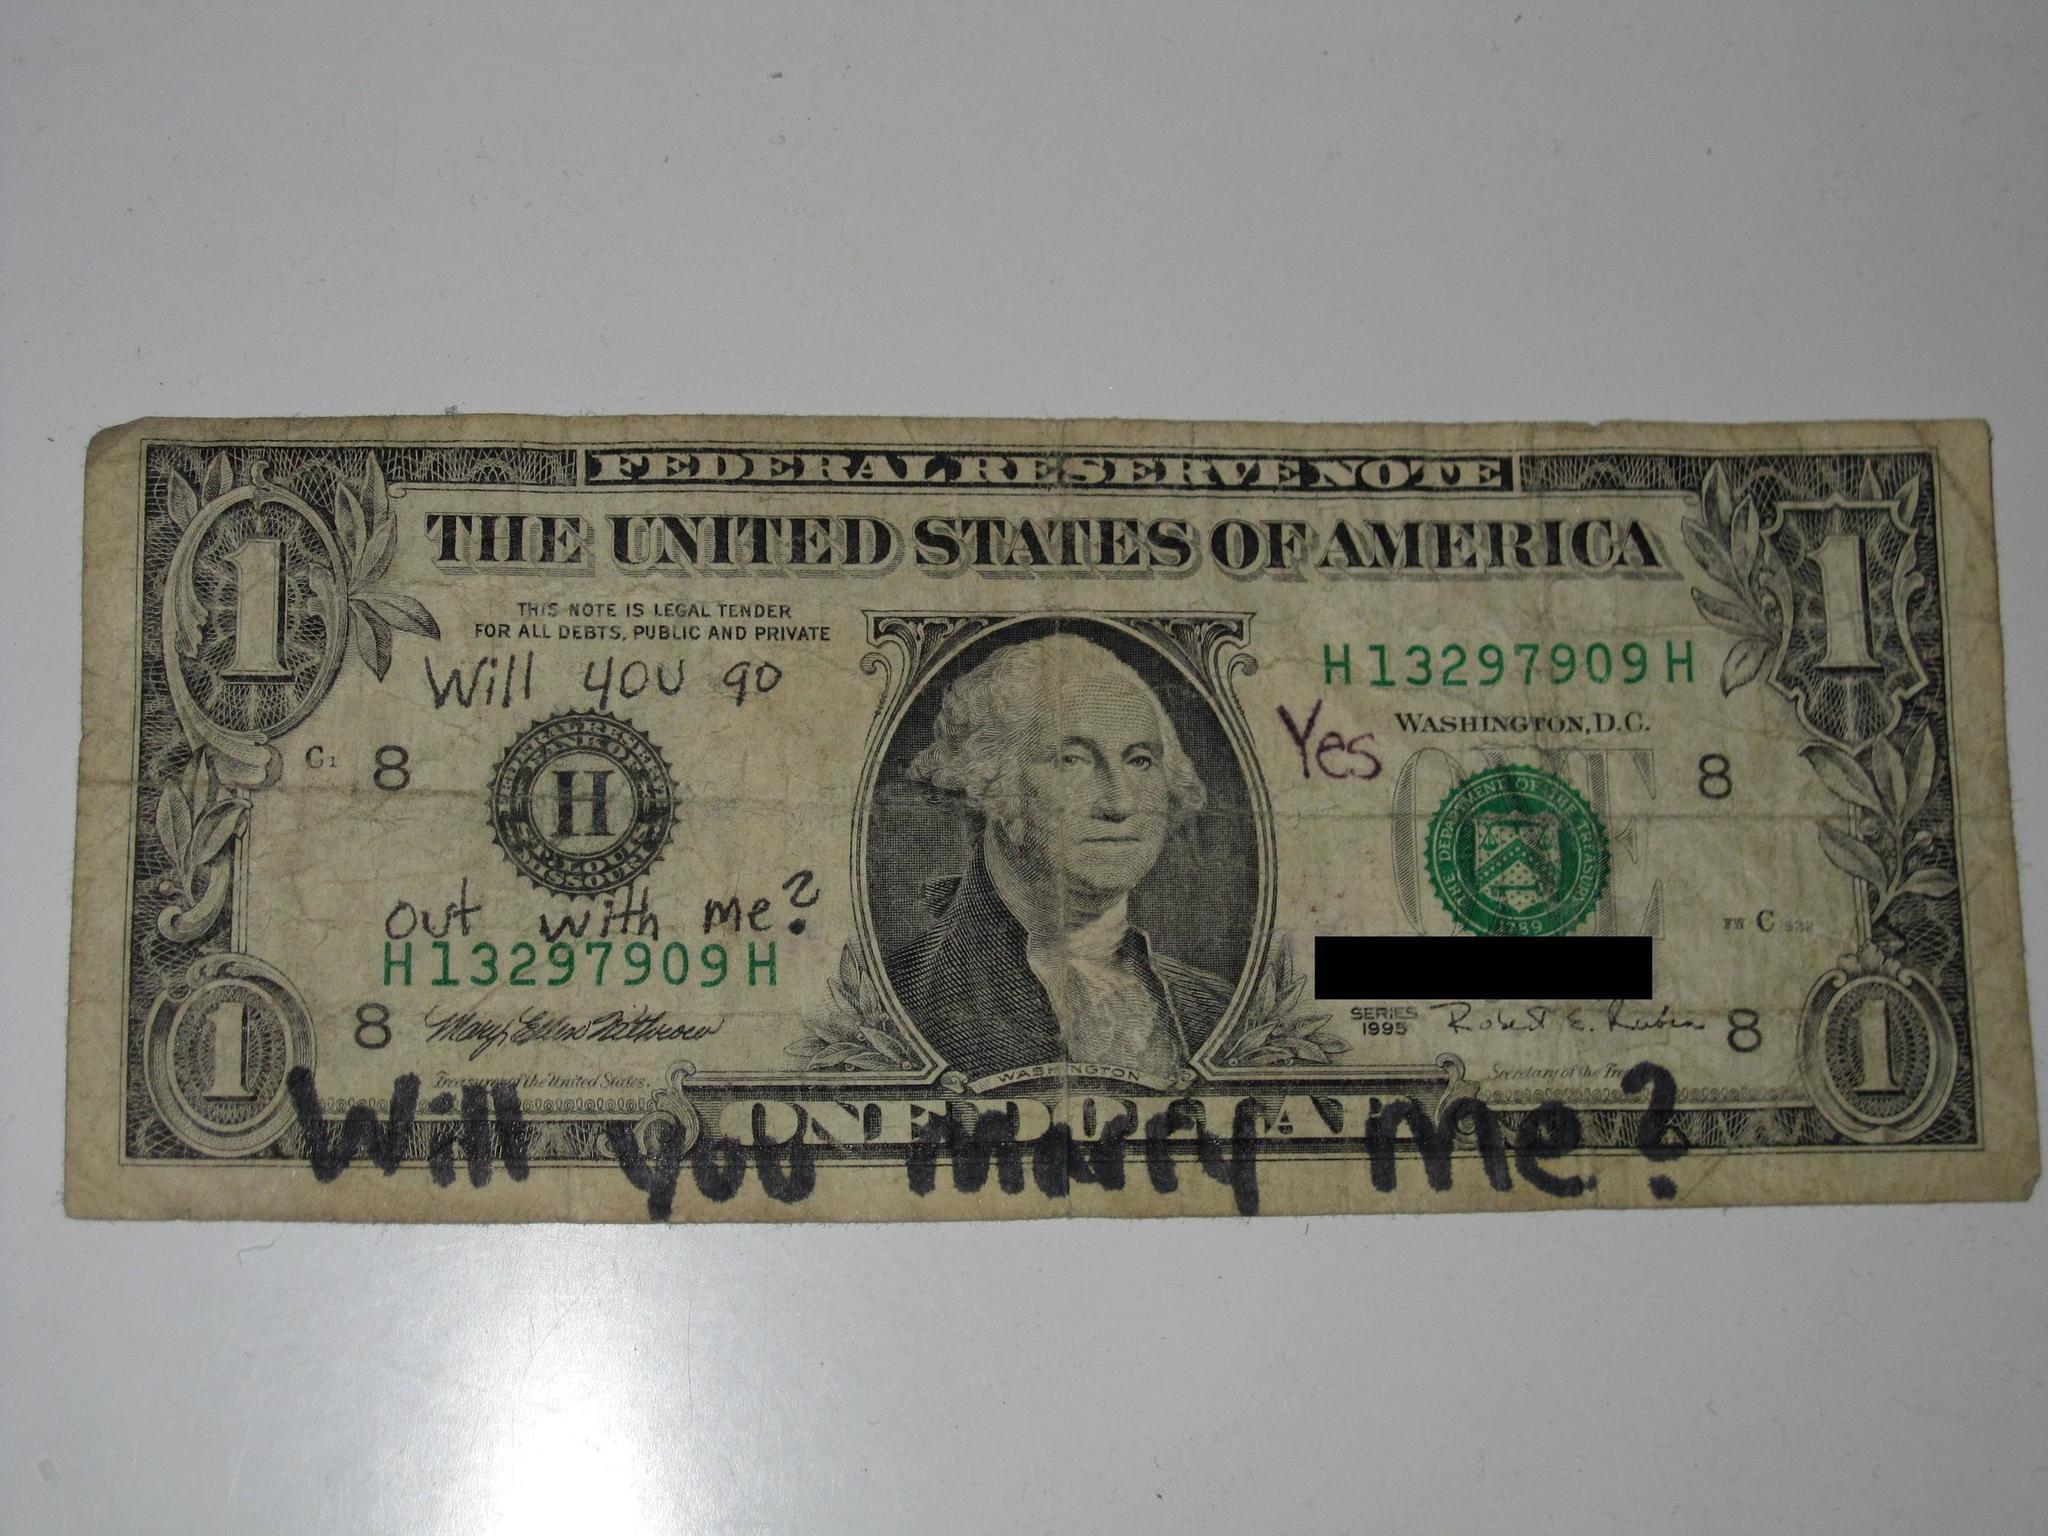 Самое ценное, что Вы приобрели всего за 1 доллар?